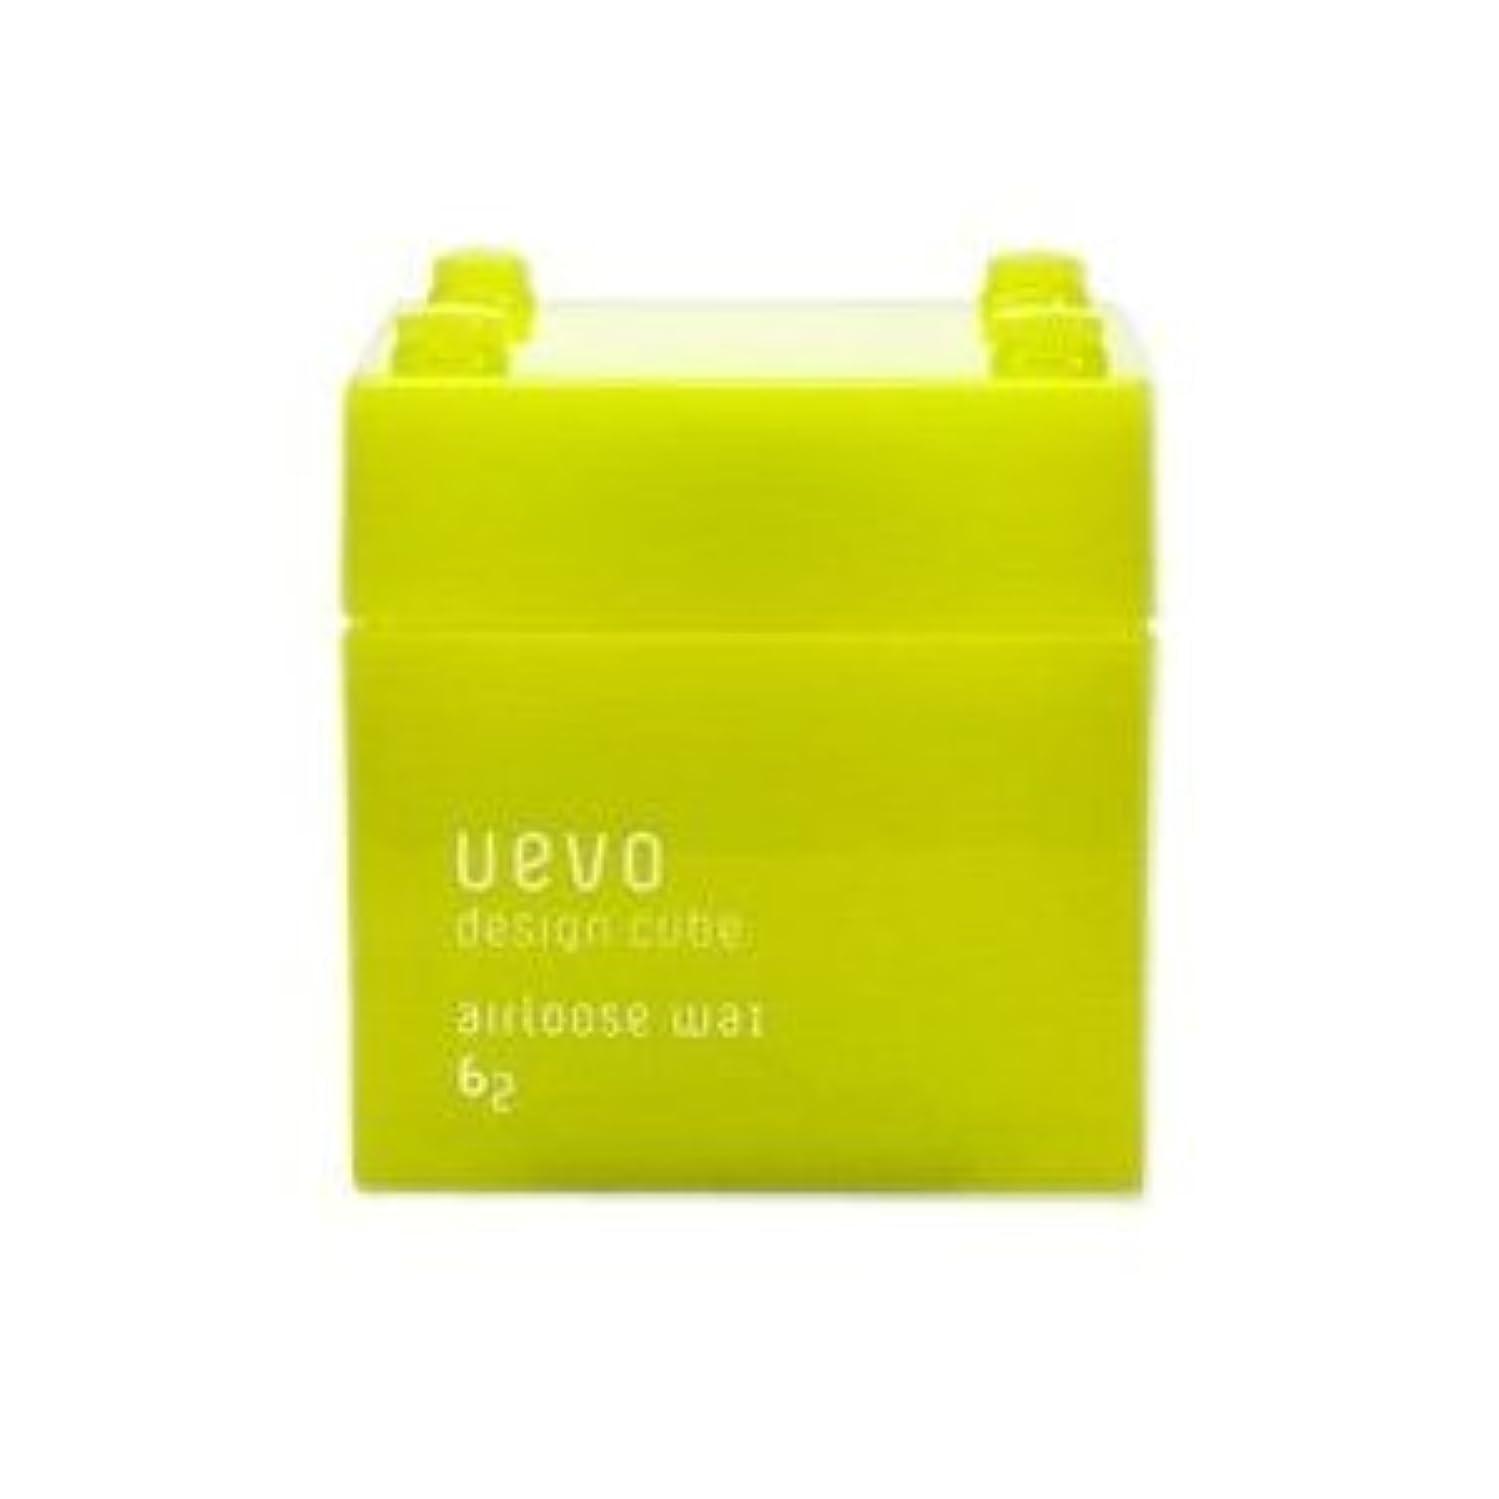 忌避剤こどもの日検出する【X2個セット】 デミ ウェーボ デザインキューブ エアルーズワックス 80g airloose wax DEMI uevo design cube